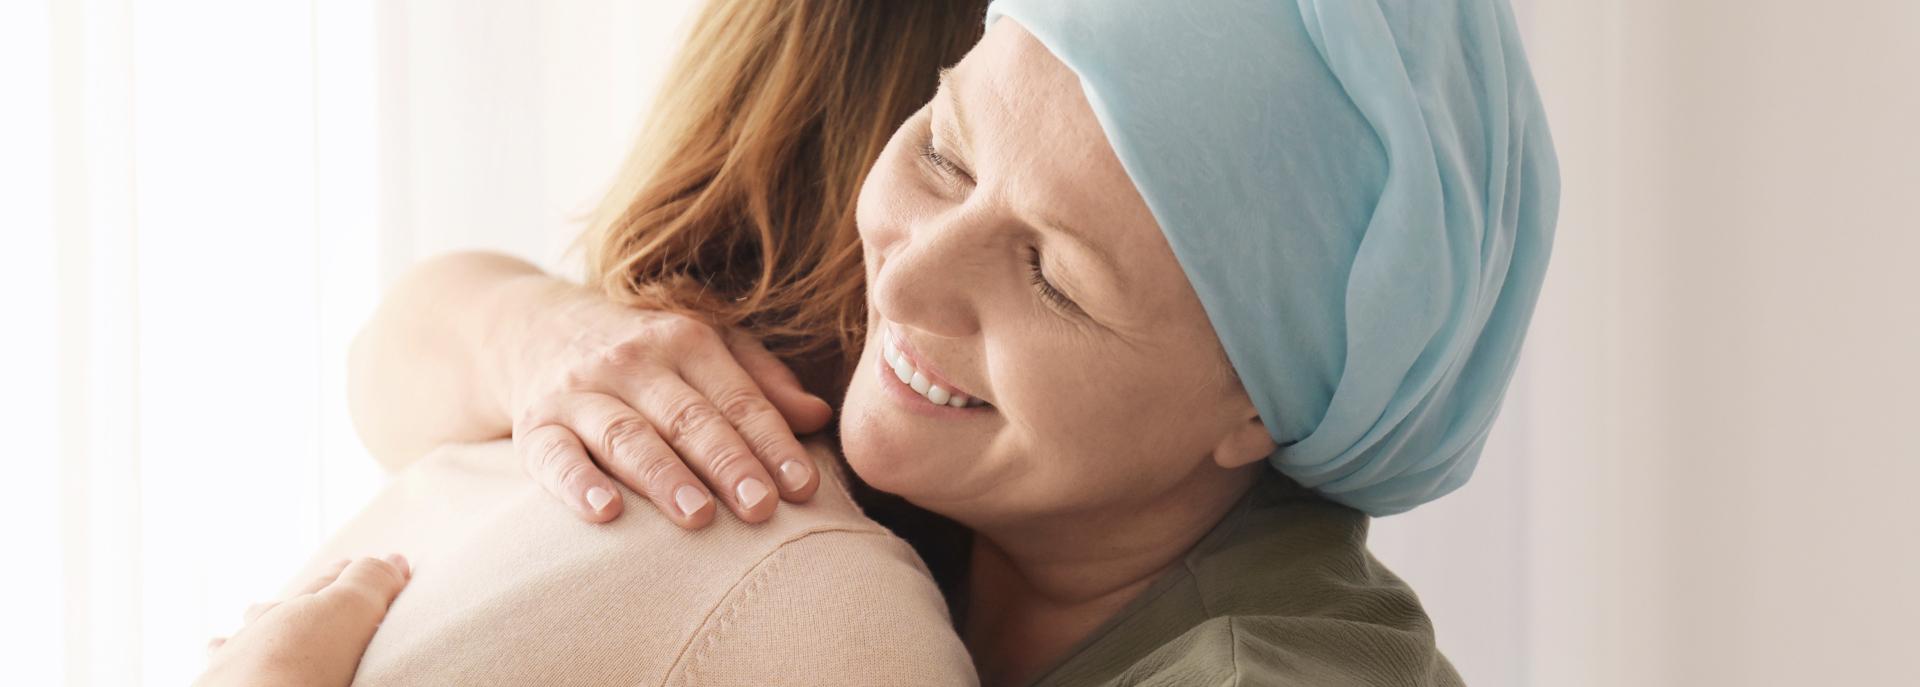 Voci dall'hospice: le storie dei pazienti oncologici terminali